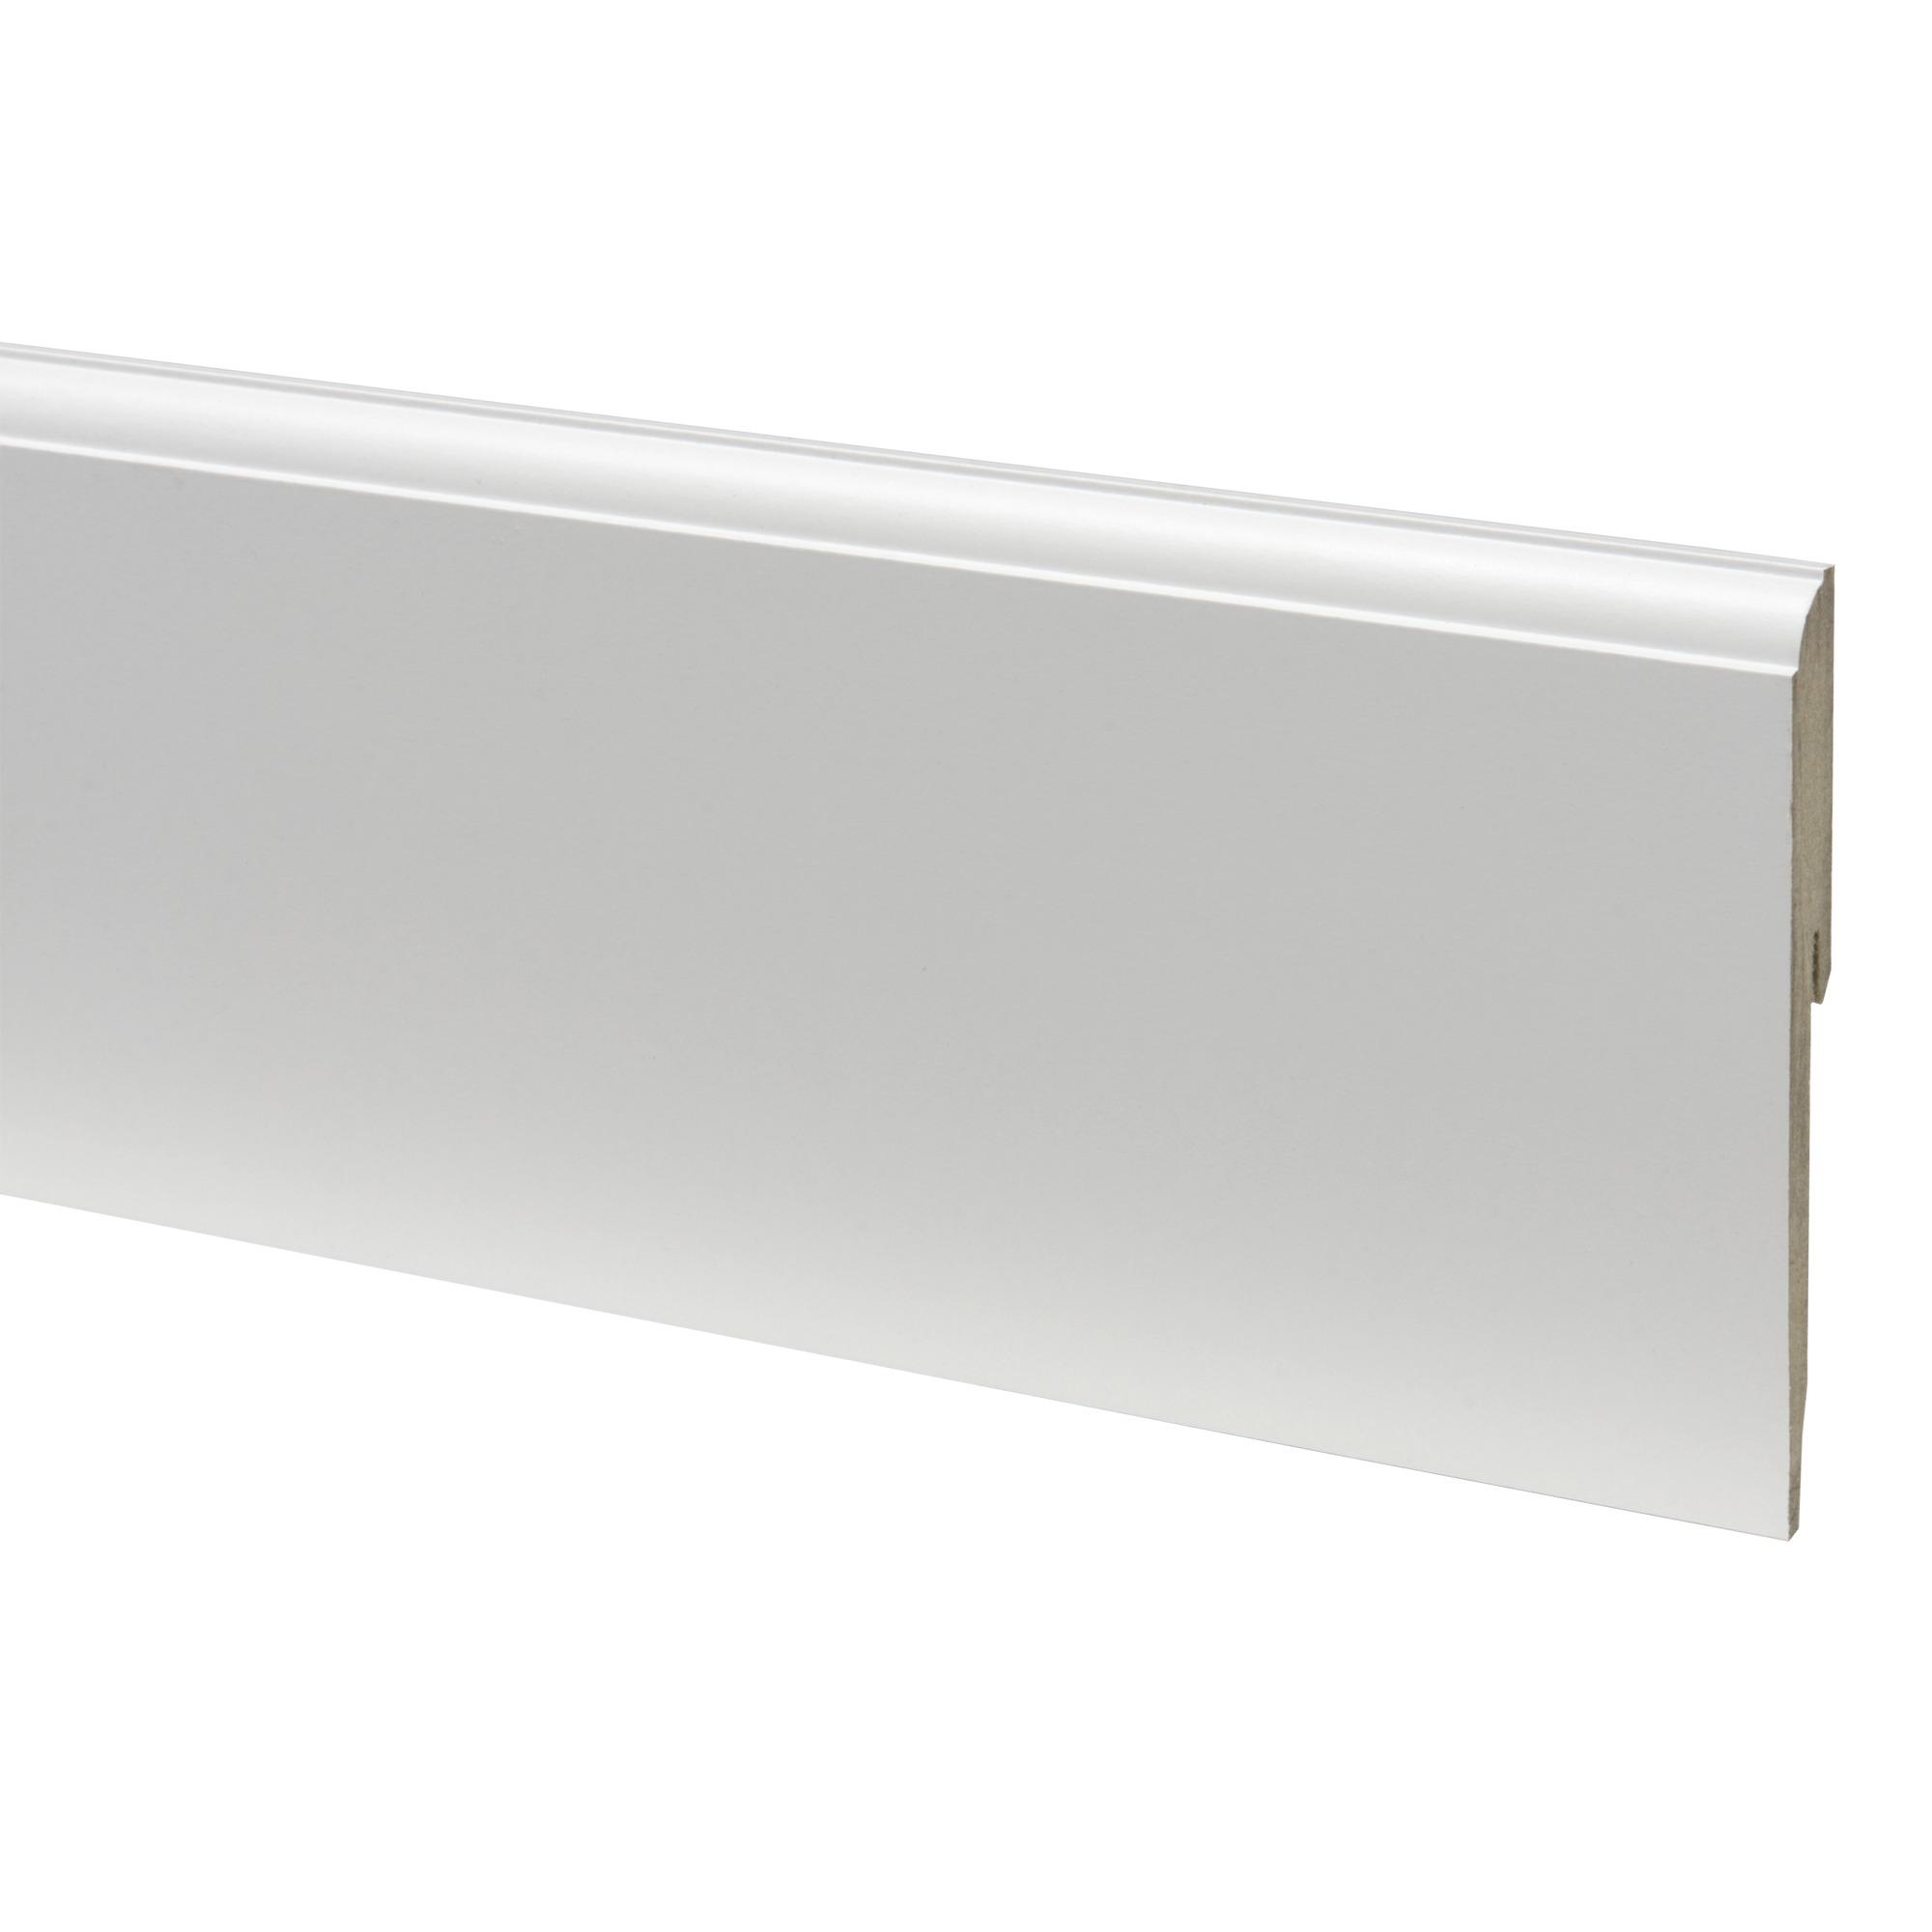 Plinthe mdf quart de rond 12120 blanc 240 cm plinthes for Table quart de rond